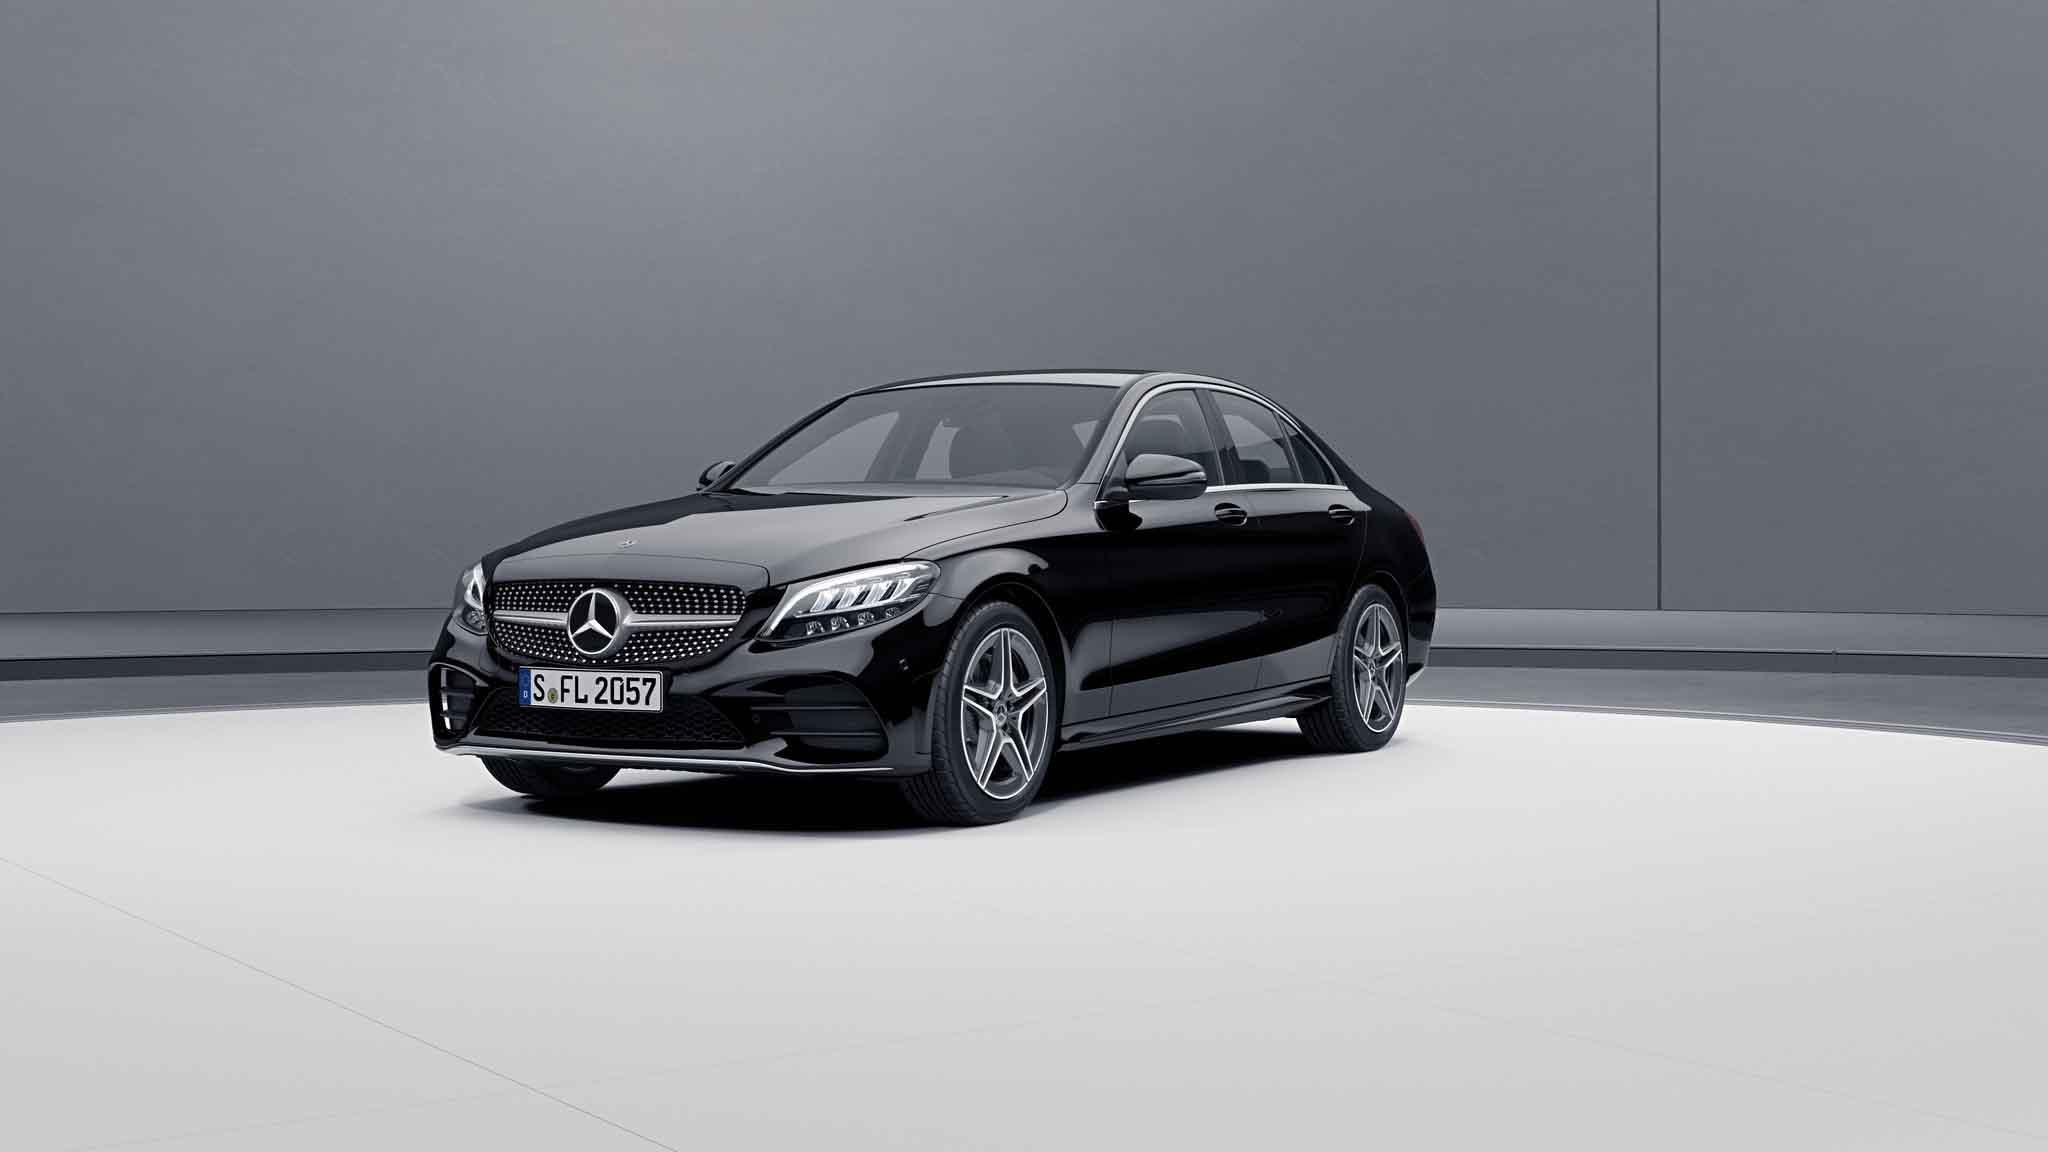 Vue de trois quarts de profil de la Mercedes Classe C berline avec la peinture Standard noir